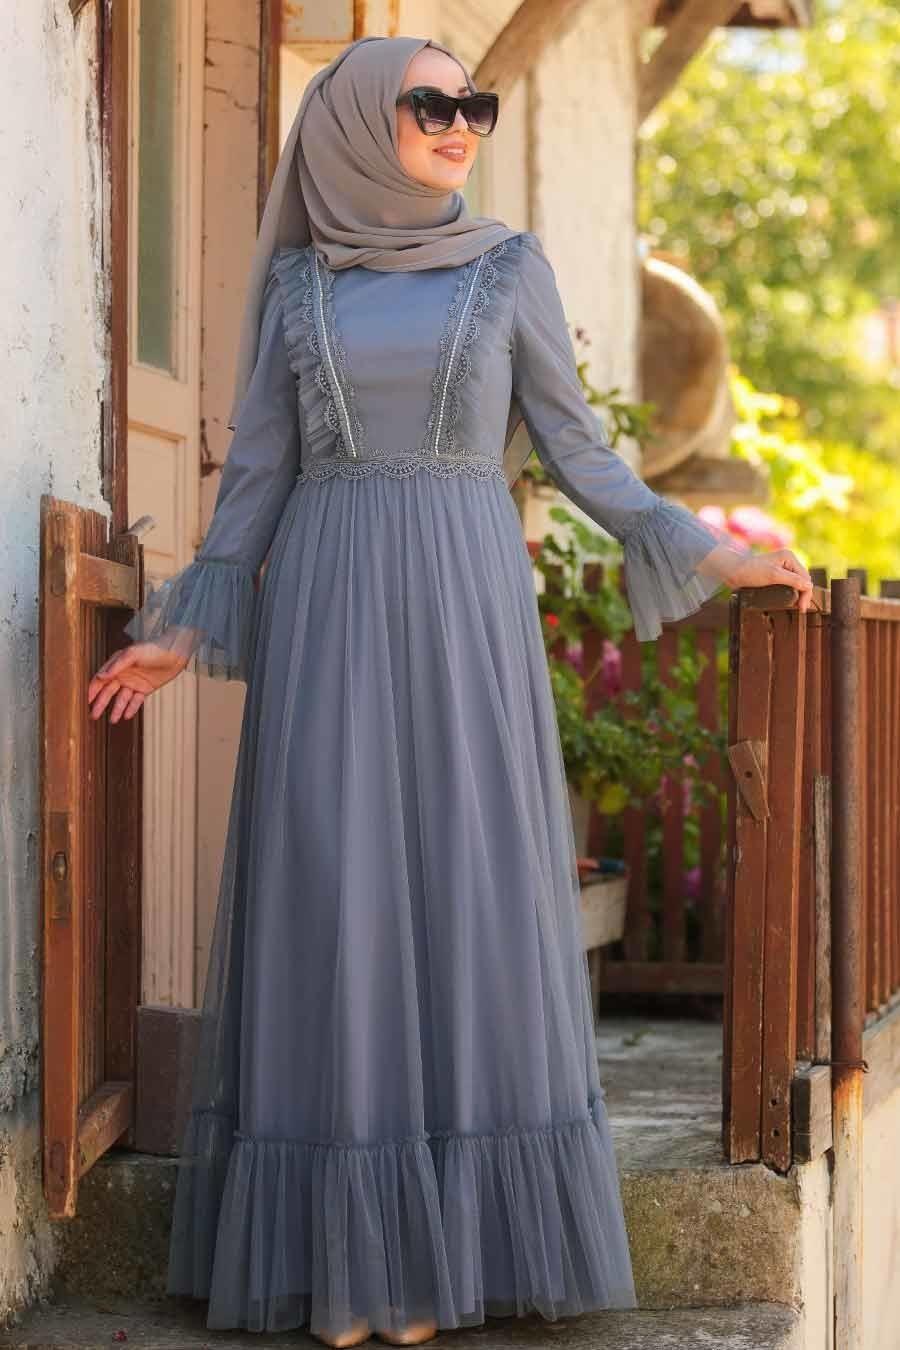 Tesetturlu Abiye Elbise Boncuk Detayli Gri Tesettur Abiye Elbise 38980gr Tesetturisland Com Elbise Moda Stilleri The Dress